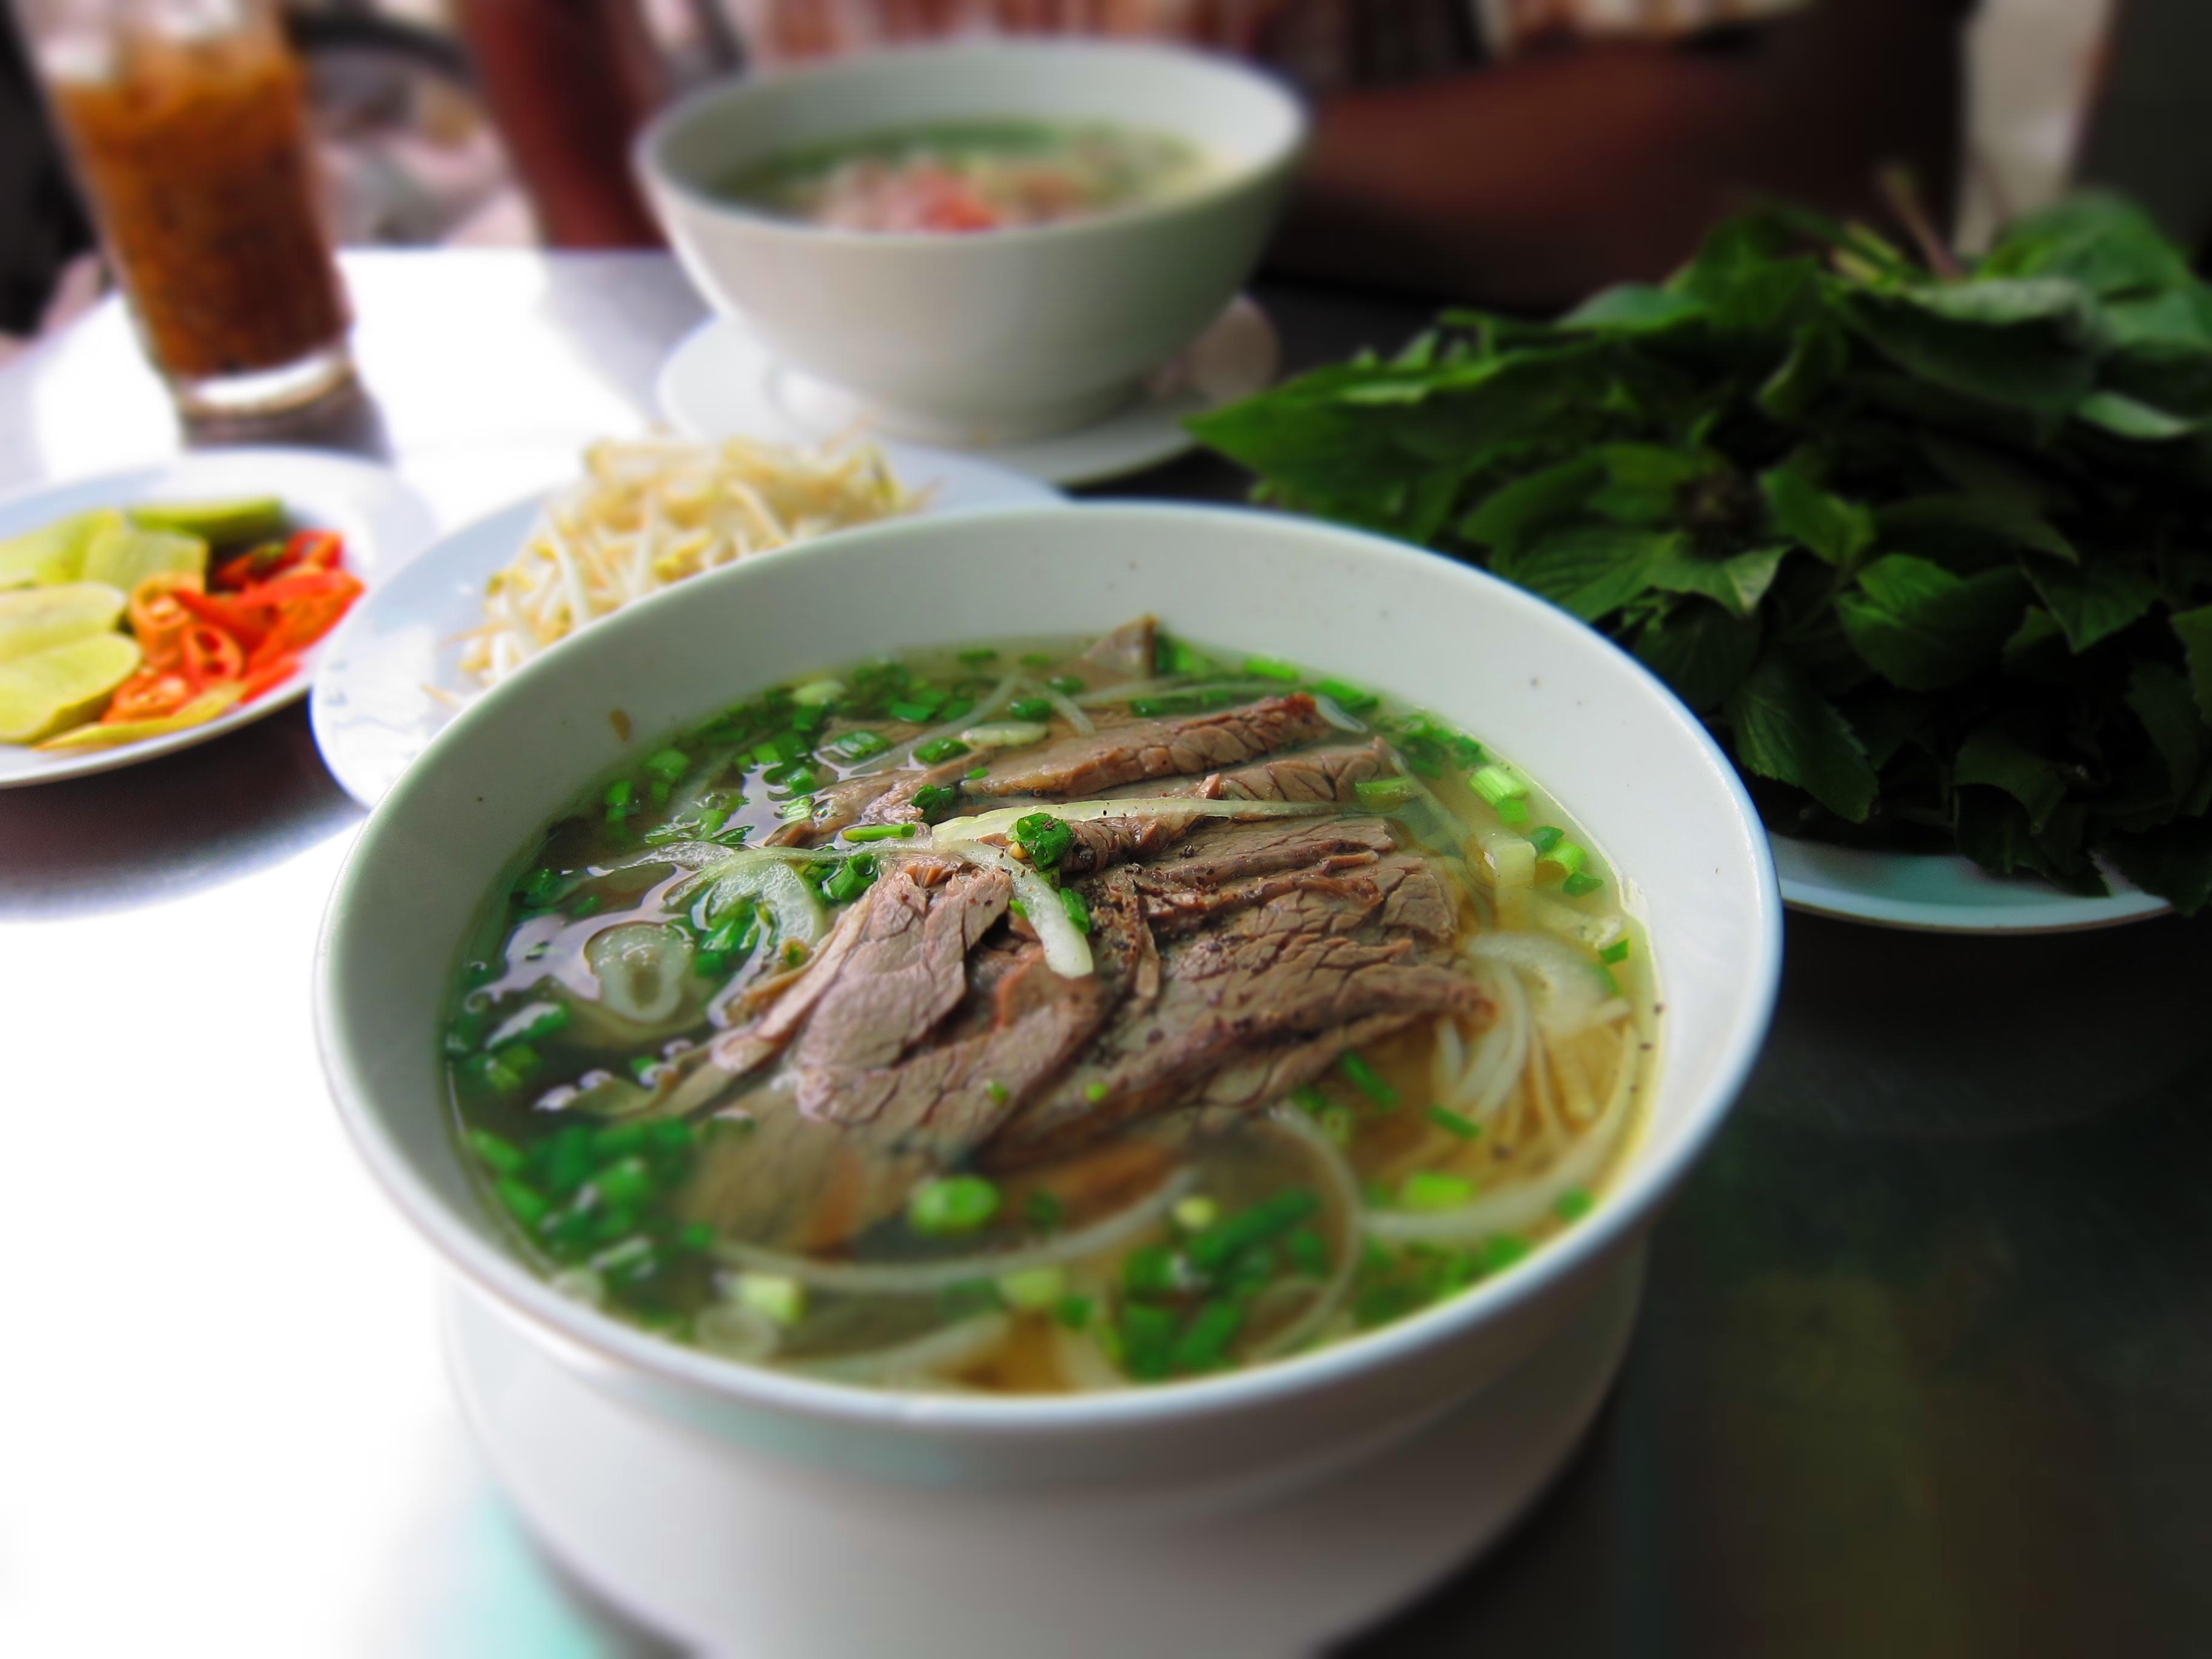 Từ những hàng quán nhỏ ven đường, nhìn ra khác biệt giữa cách kinh doanh Hà Nội - Sài Gòn - Ảnh 2.